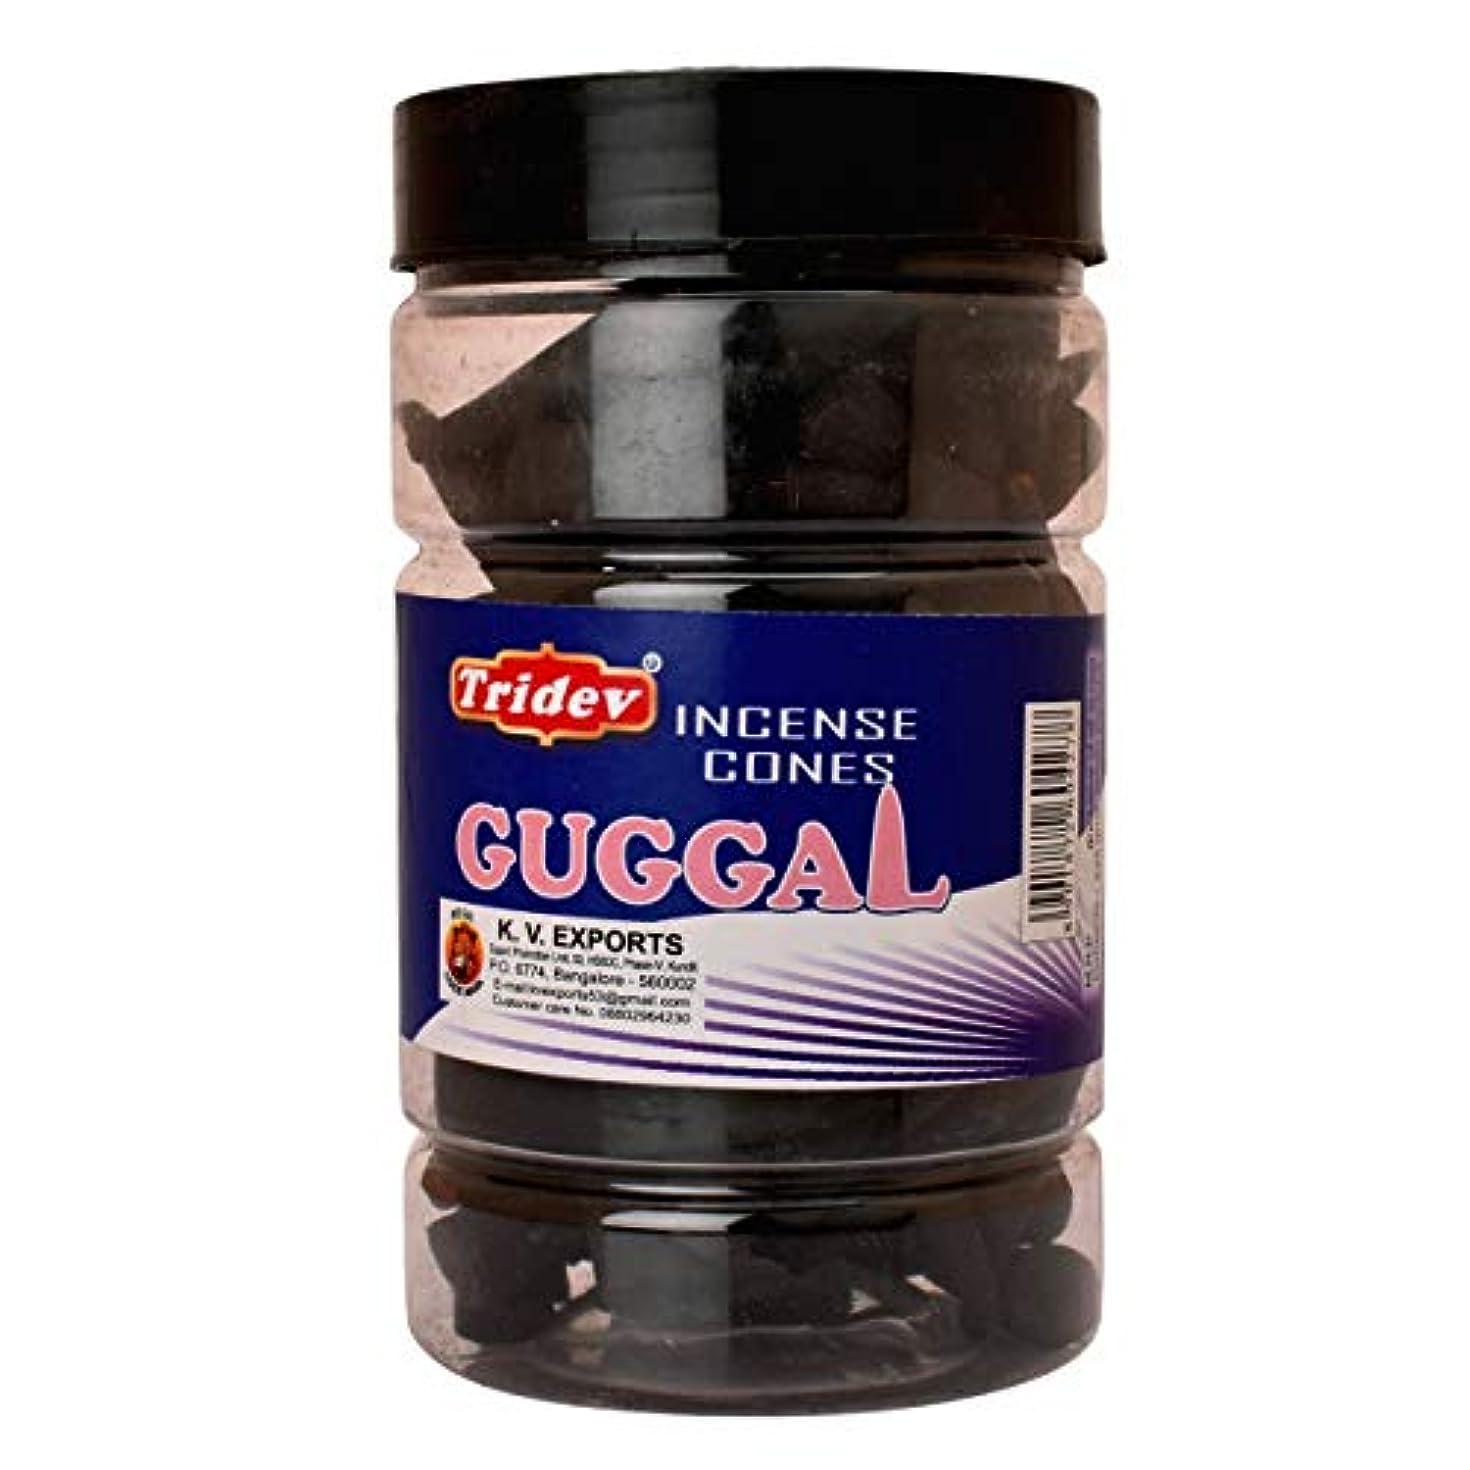 余計なカナダジョージハンブリーTridev Guggal Incense Cones Jar 225グラムパック